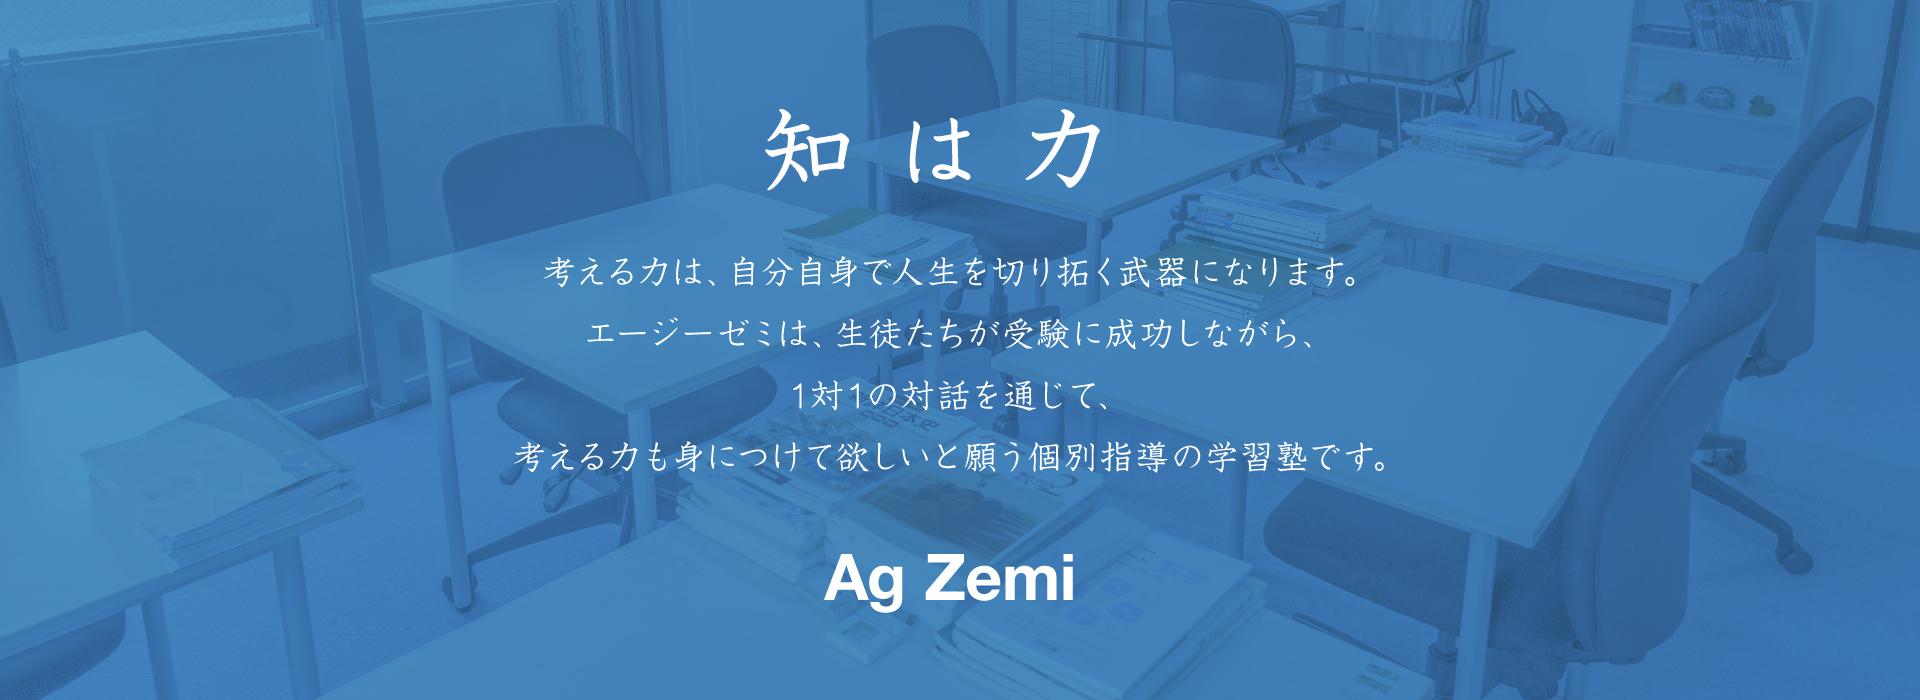 知は力 〜Ag Zemi〜